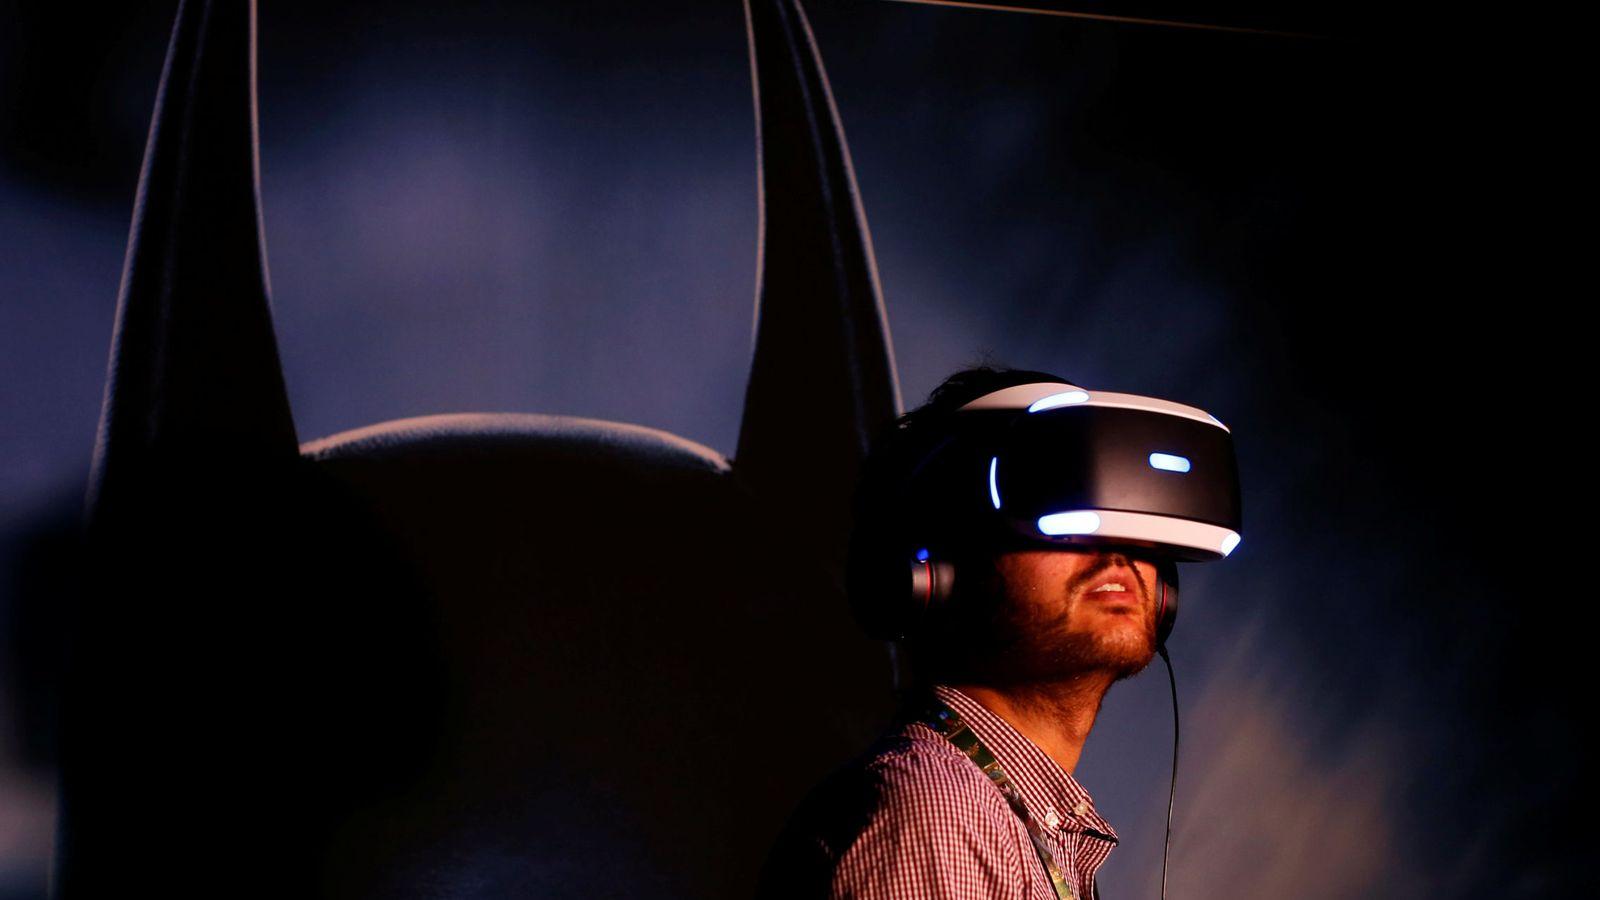 Videojuegos Siete Dias Con Playstation Vr El Ocio Del Futuro